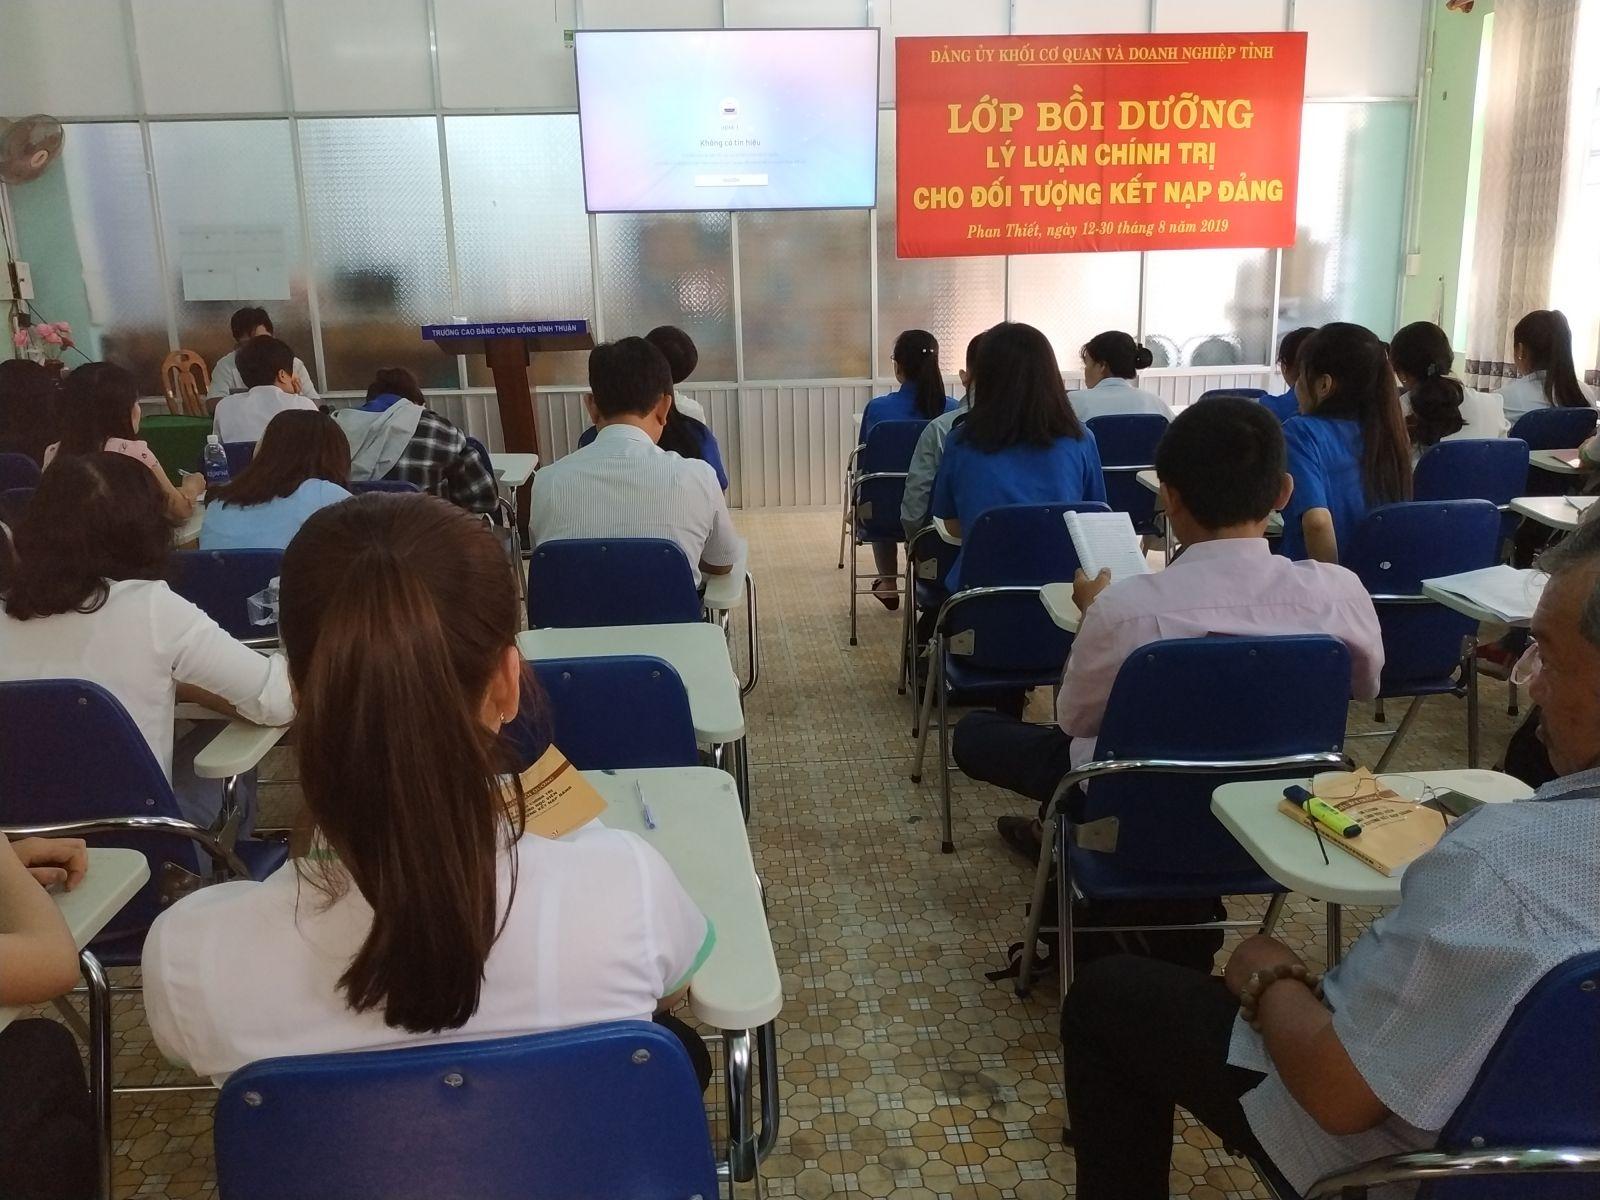 Hình Đảng ủy Khối cơ quan và doanh nghiệp tỉnh tổ chức lớp học Bồi dưỡng lý luận chính trị dành cho đối tượng kết nạp Đảng, khóa III/2019